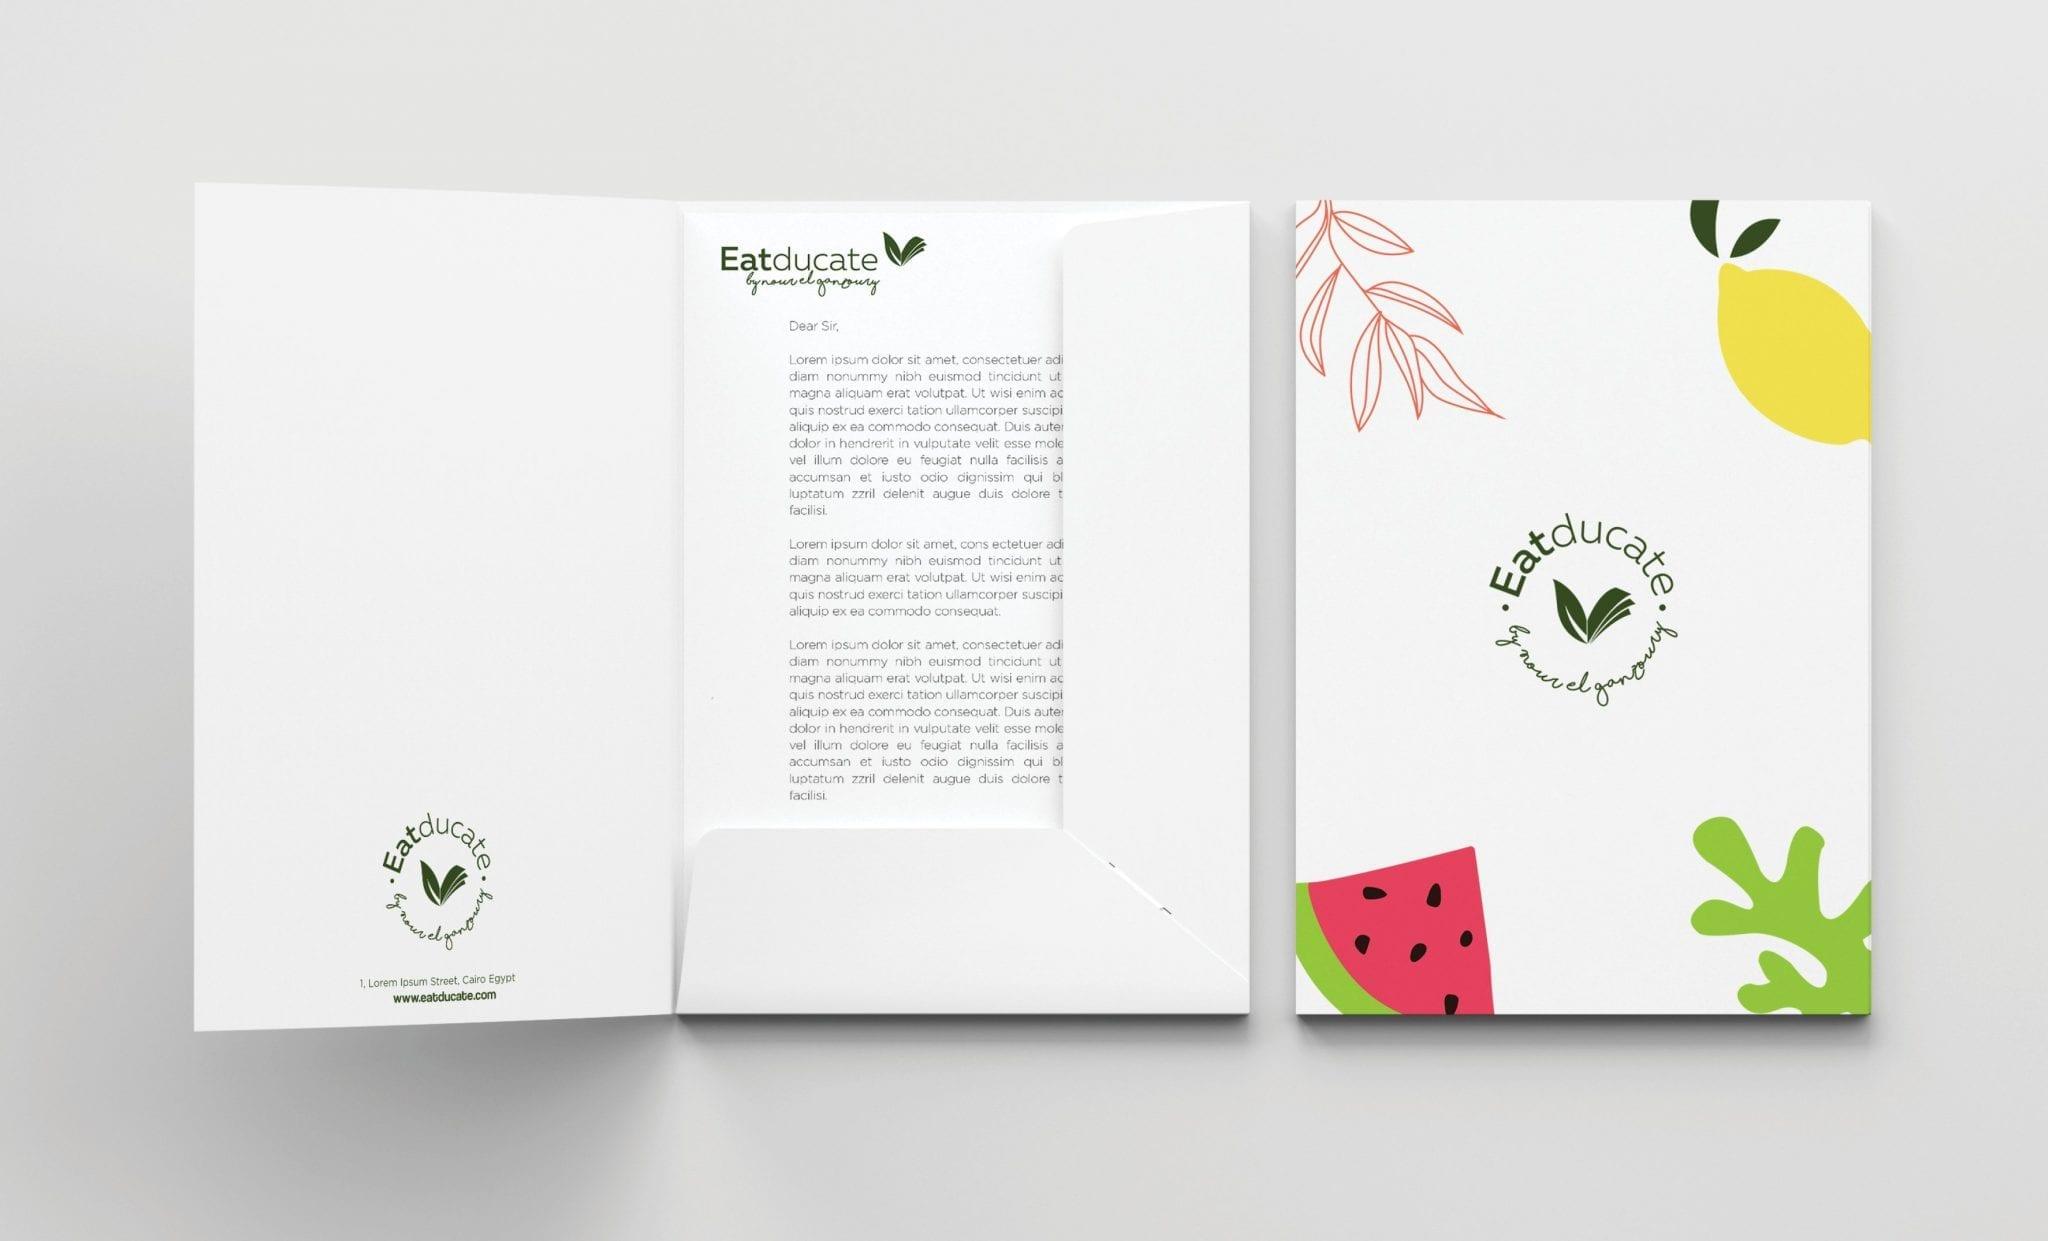 Eatducate Branding jpegs11